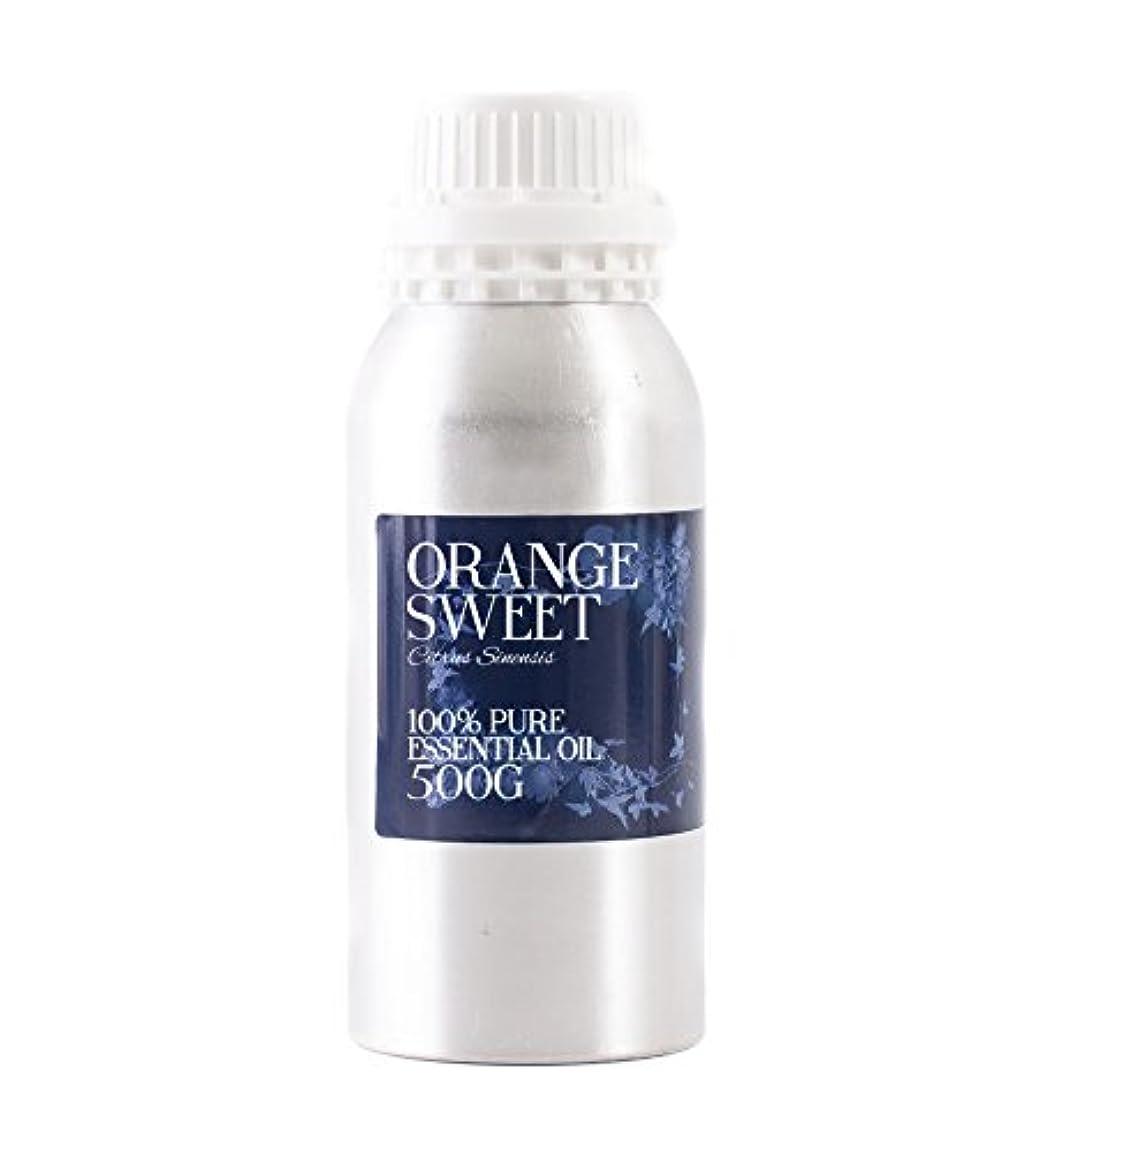 チーターコード意義Mystic Moments | Orange Sweet Essential Oil - 500g - 100% Pure